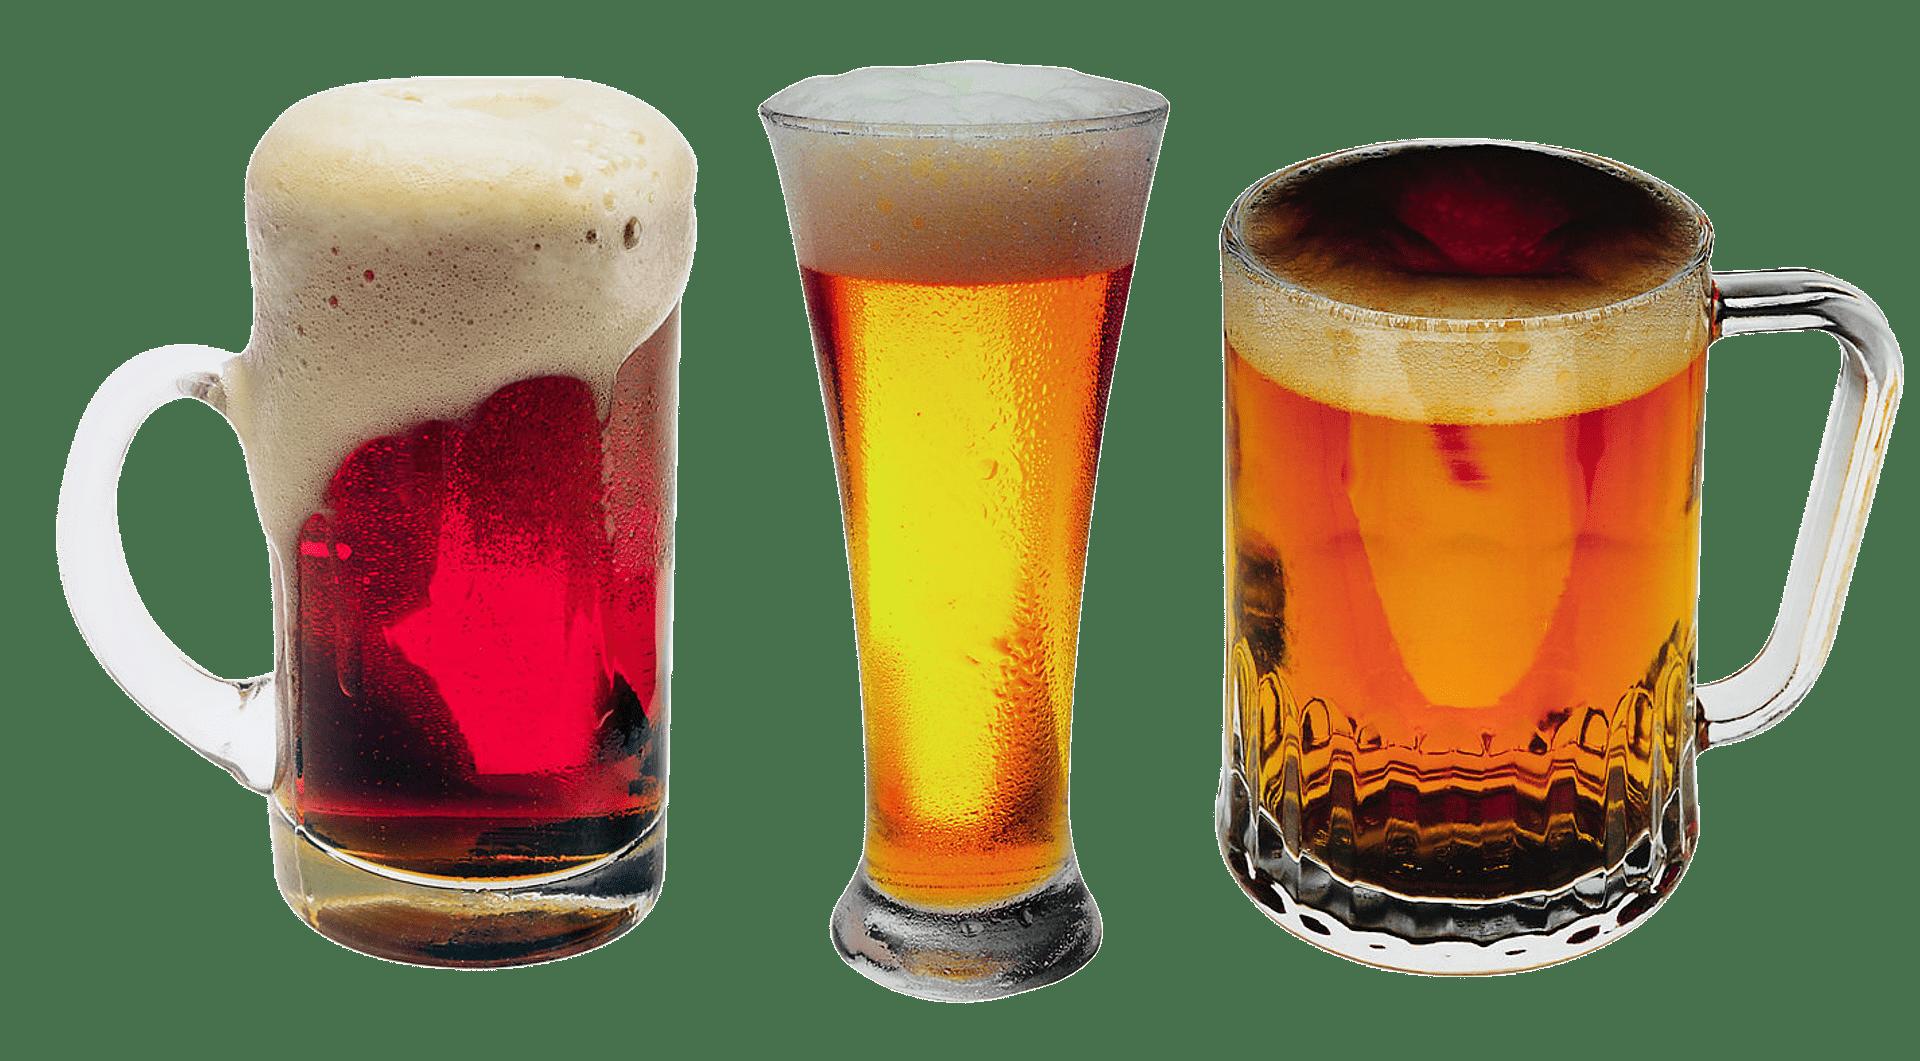 Carnival Cruise Line verkauft immer mehr eigenes Bier, welches auf zwei ihrer Kreuzfahrtschiffe gebraut wird, jetzt kann man es mit nachhause nehmen